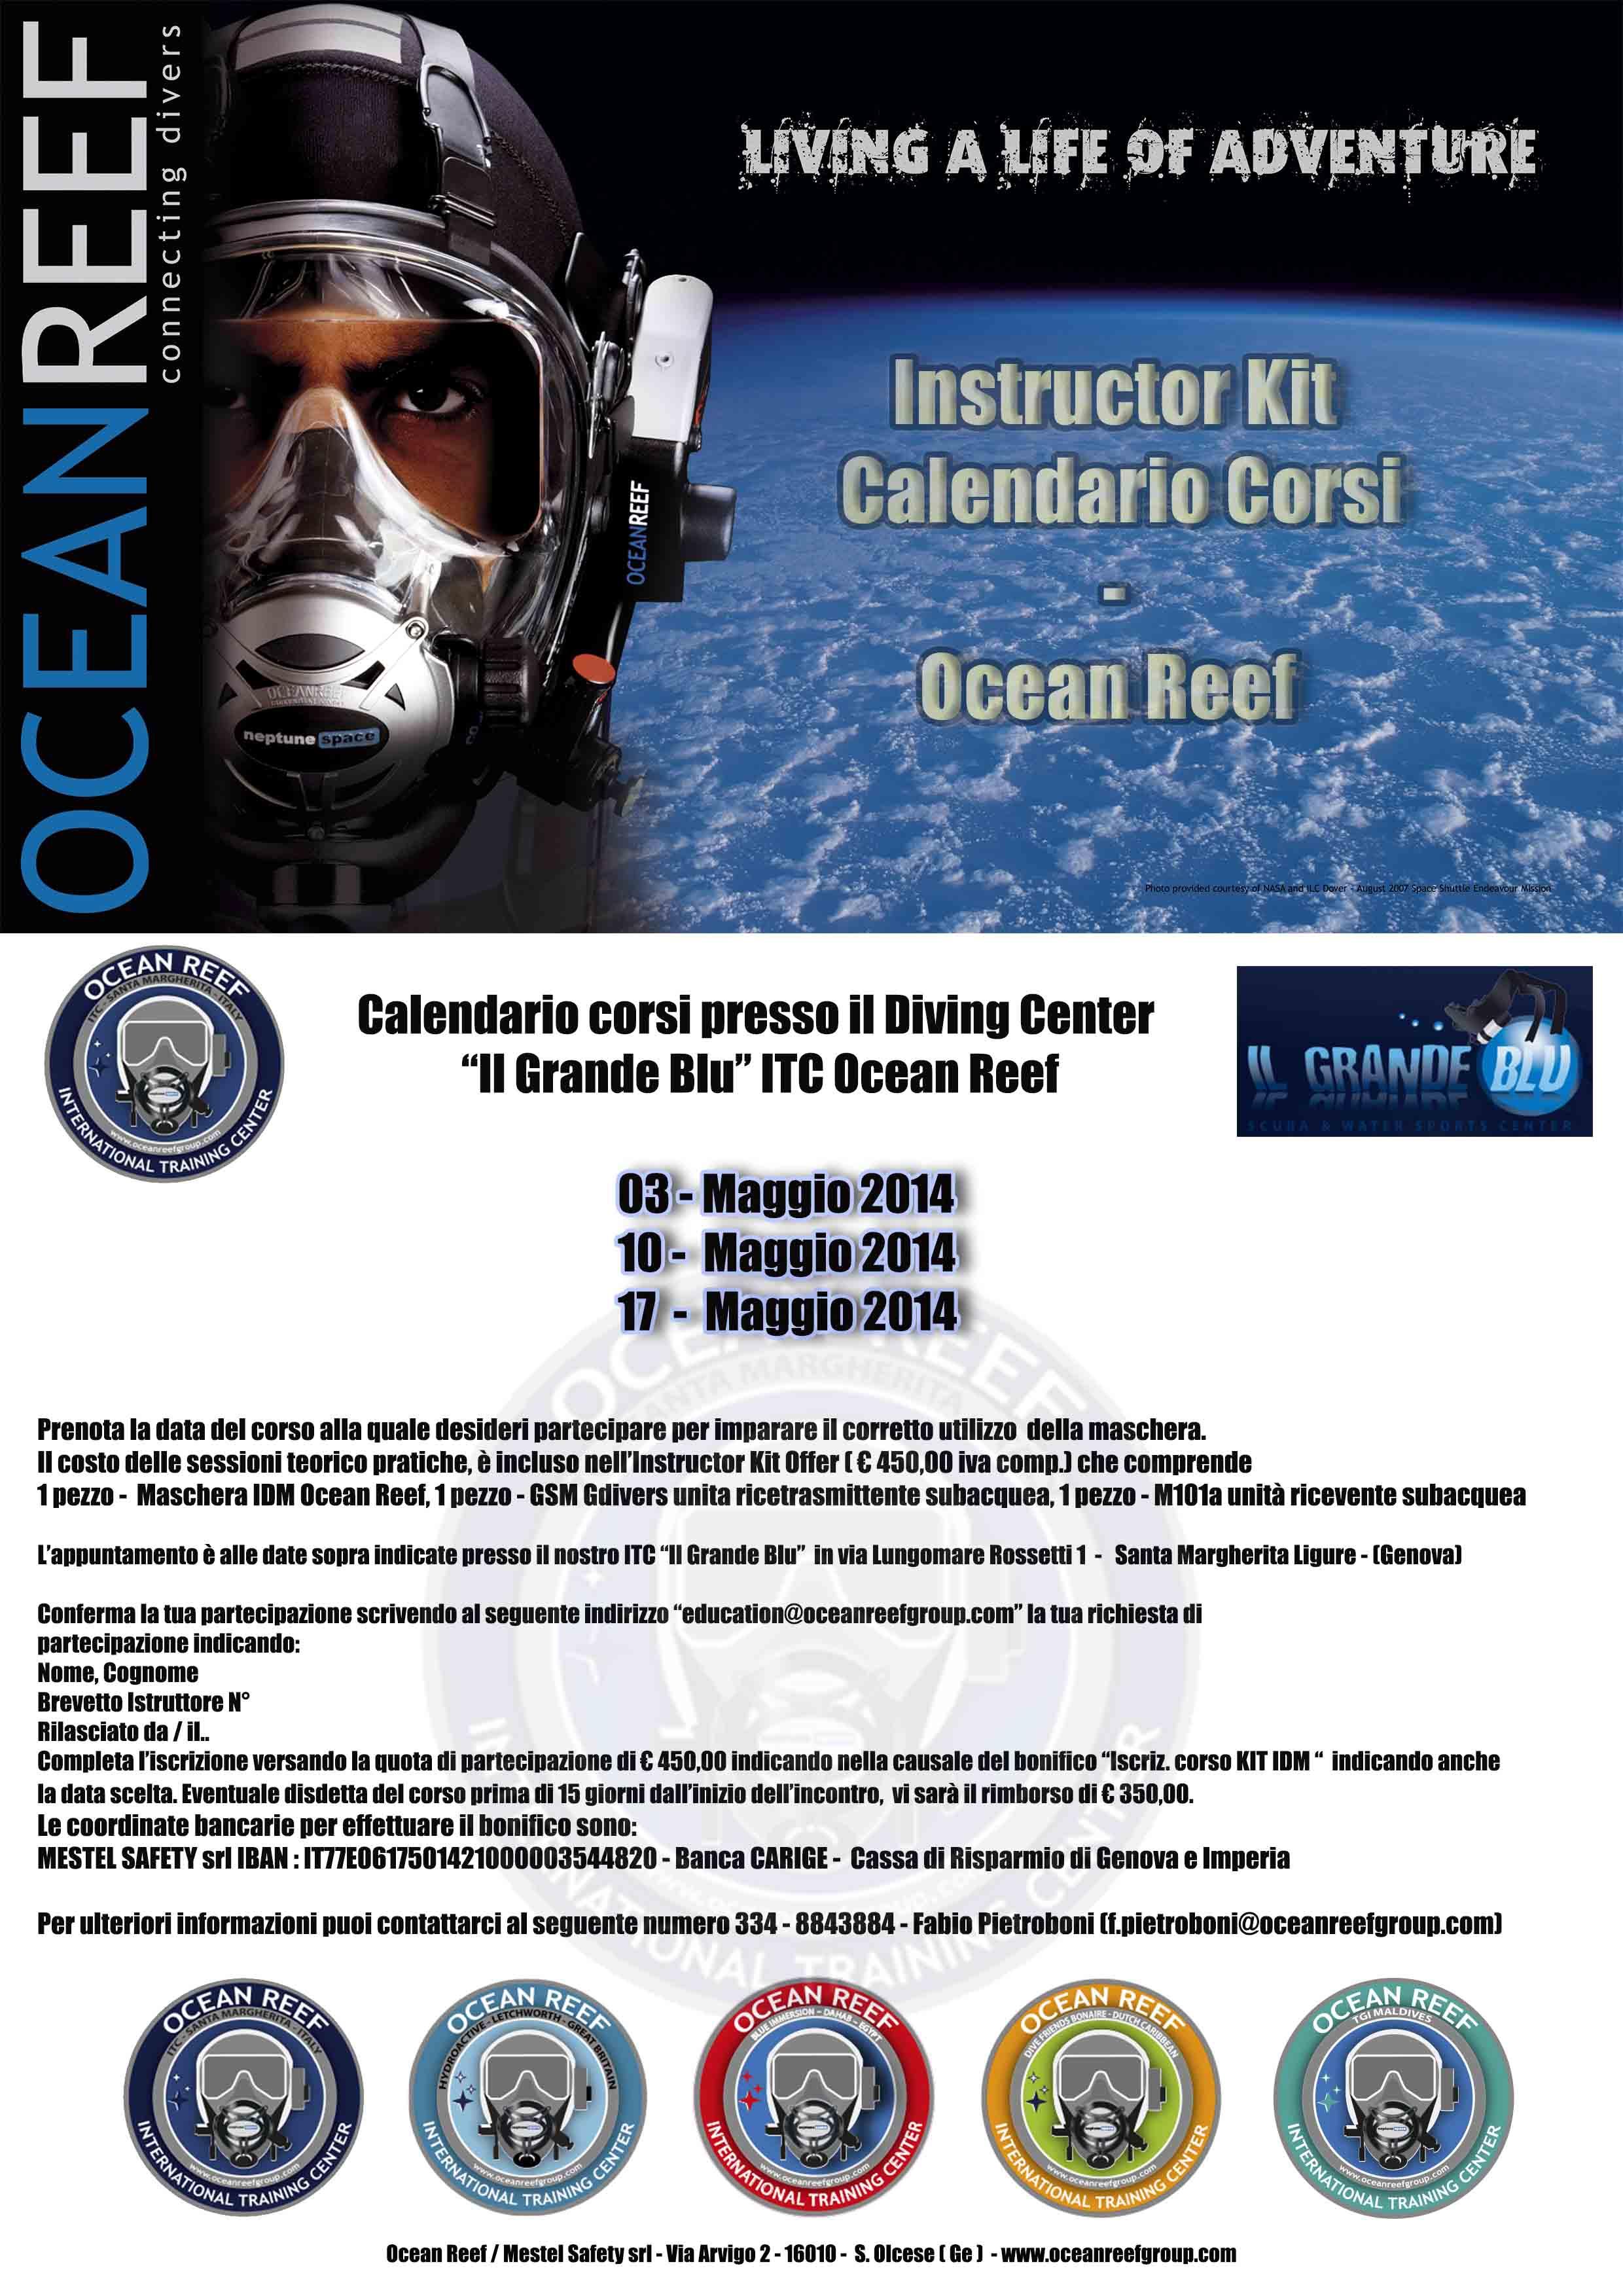 Eventi Ocean Reef: 3 date SPECIALI c/o Il GRANDE BLU a Santa Margherita Ligure (GE)